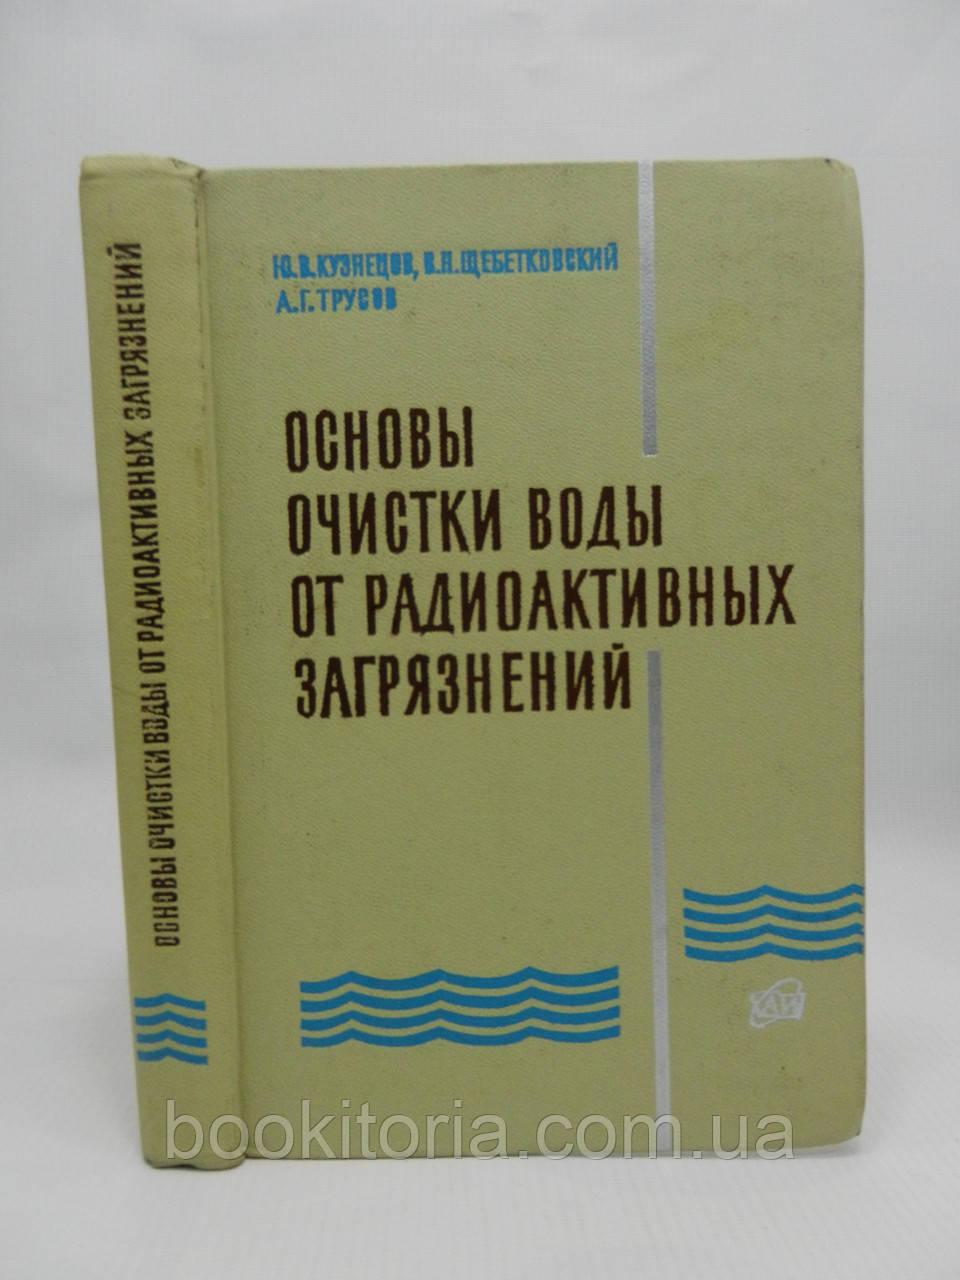 Кузнецов Ю.В. и др. Основы очистки воды от радиоактивных загрязнений (б/у).